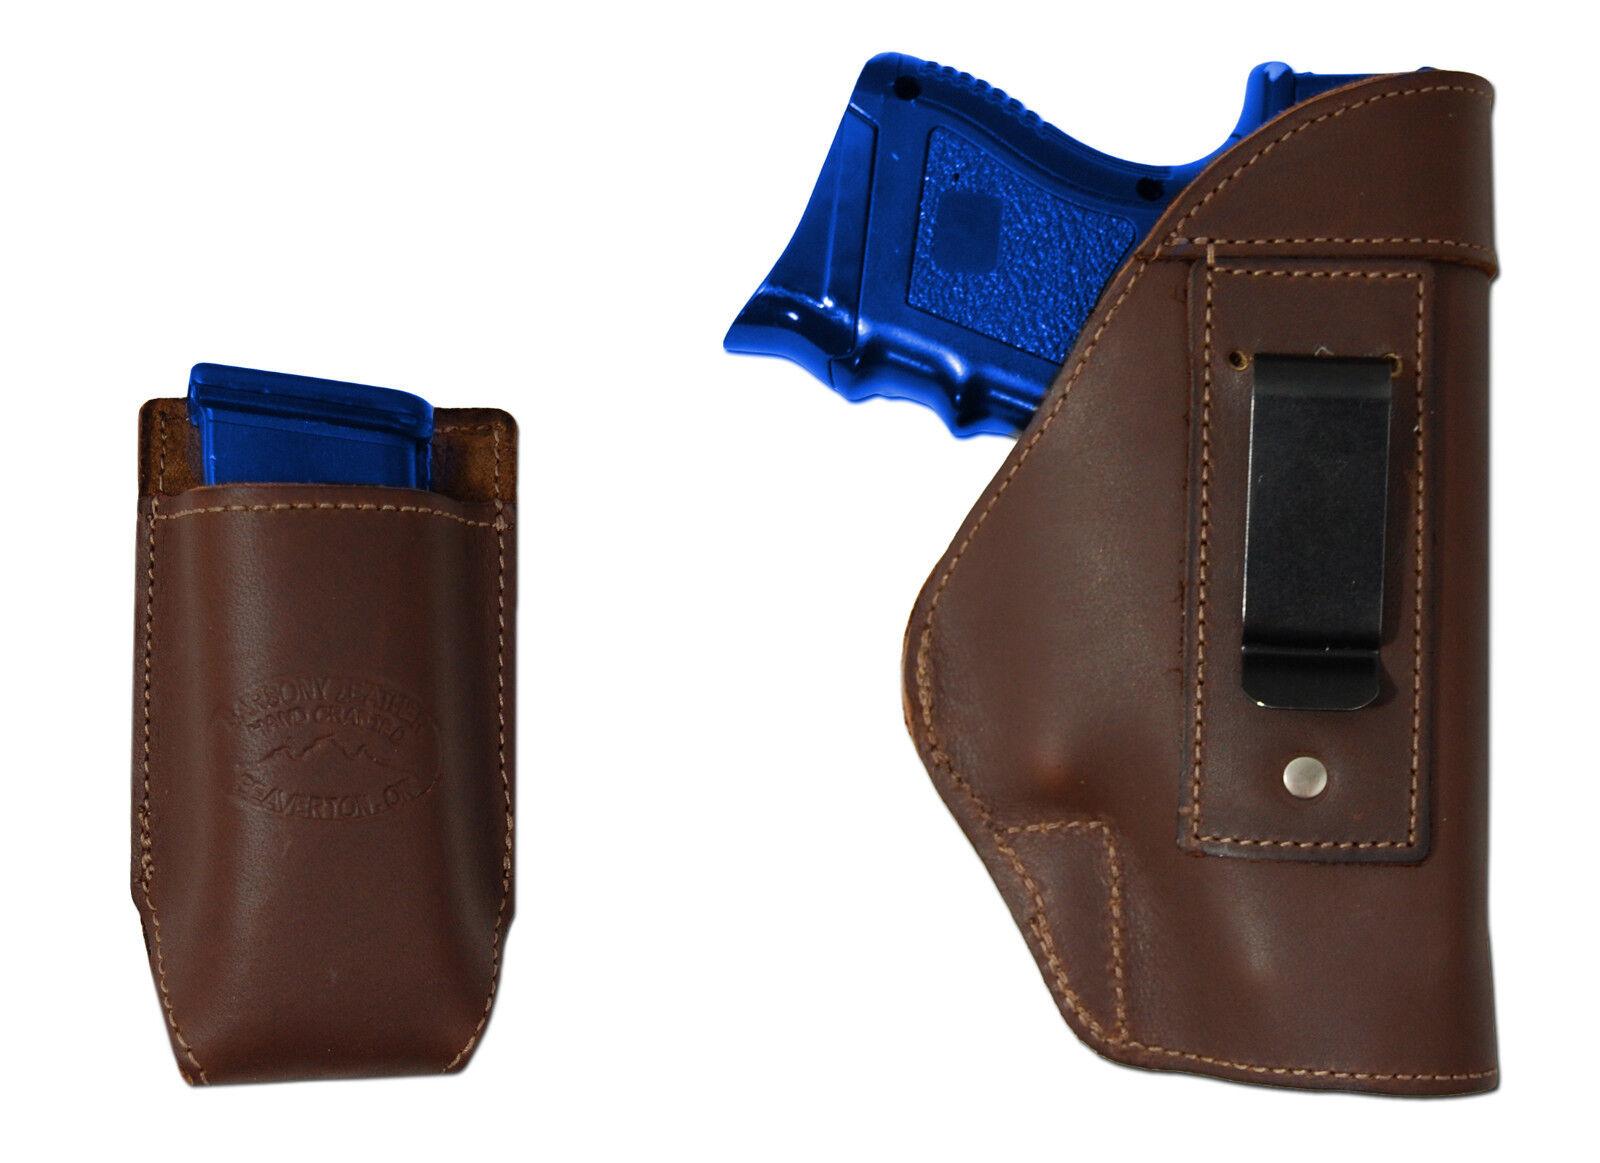 NEW Barsony Braun Leder IWB Gun Holster + Mag 9mm Pouch Bersa Compact 9mm Mag 40 45 8a9723